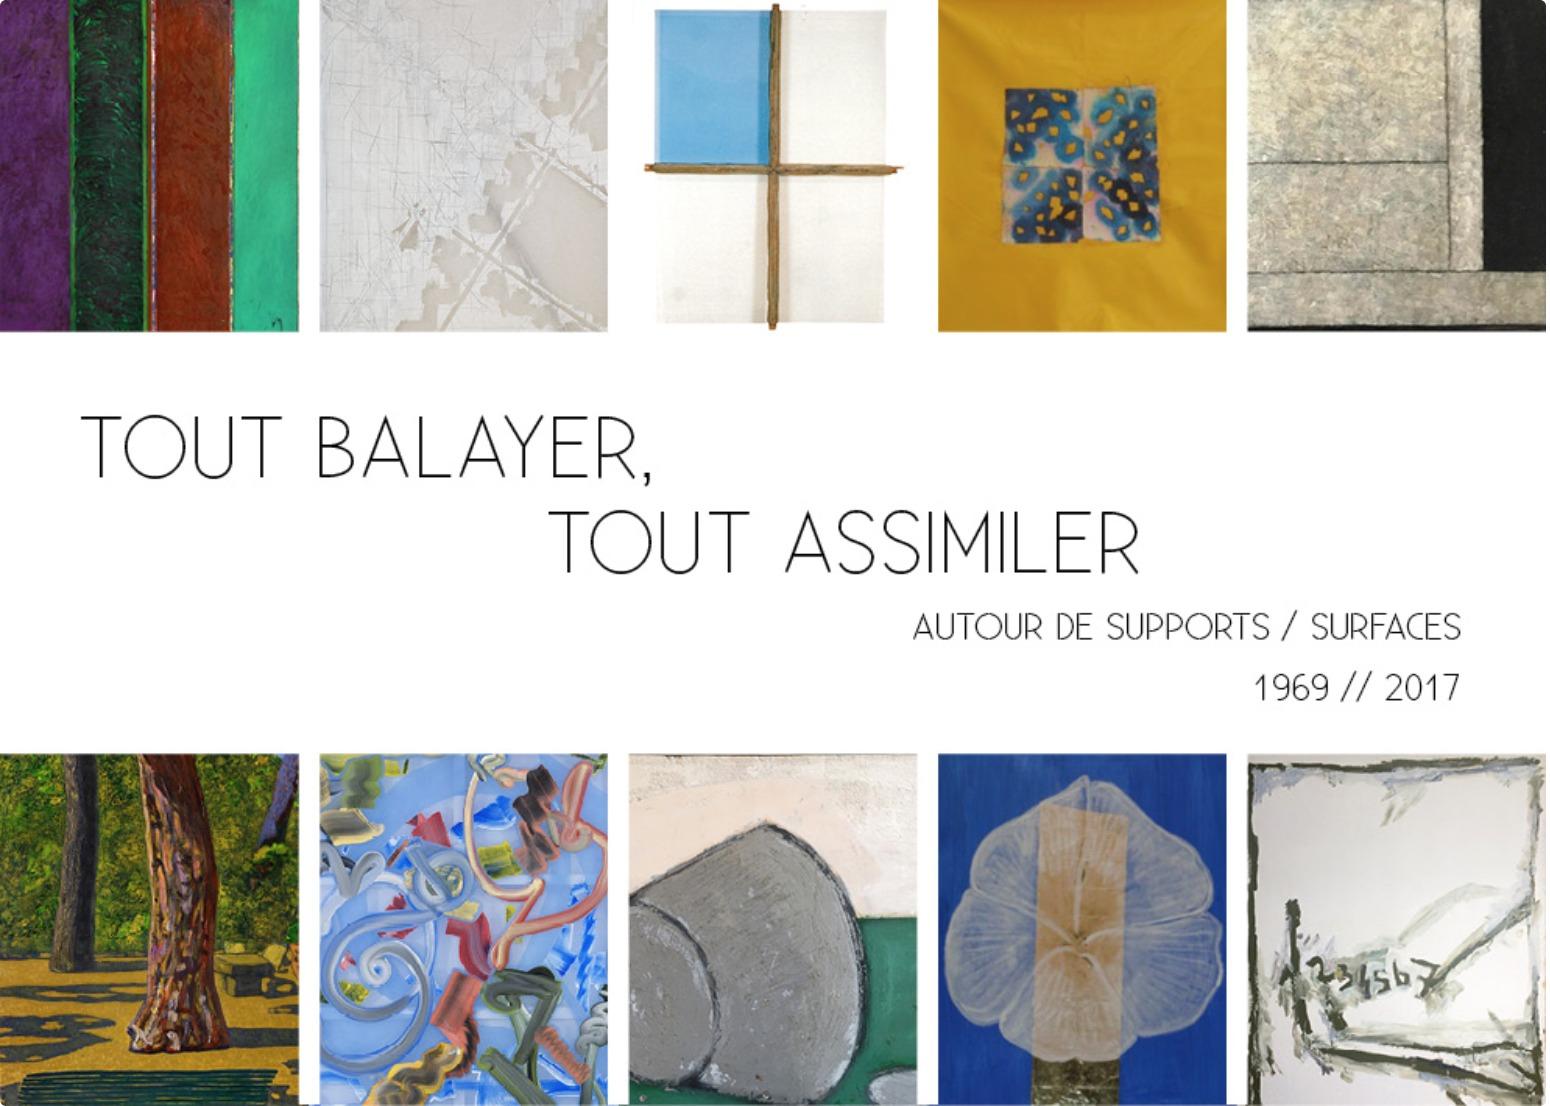 Tout balayer, tout assimiler - Autour de Supports/Surfaces 1969//2017